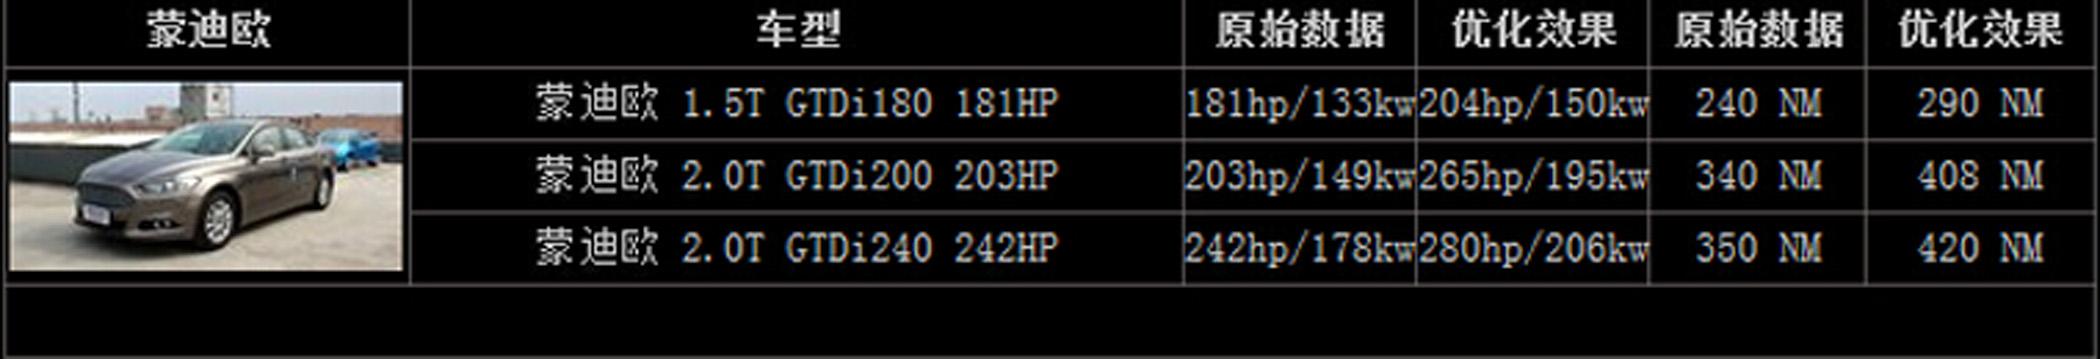 低功率蒙迪欧2.0T刷ecu升级提动力改善换